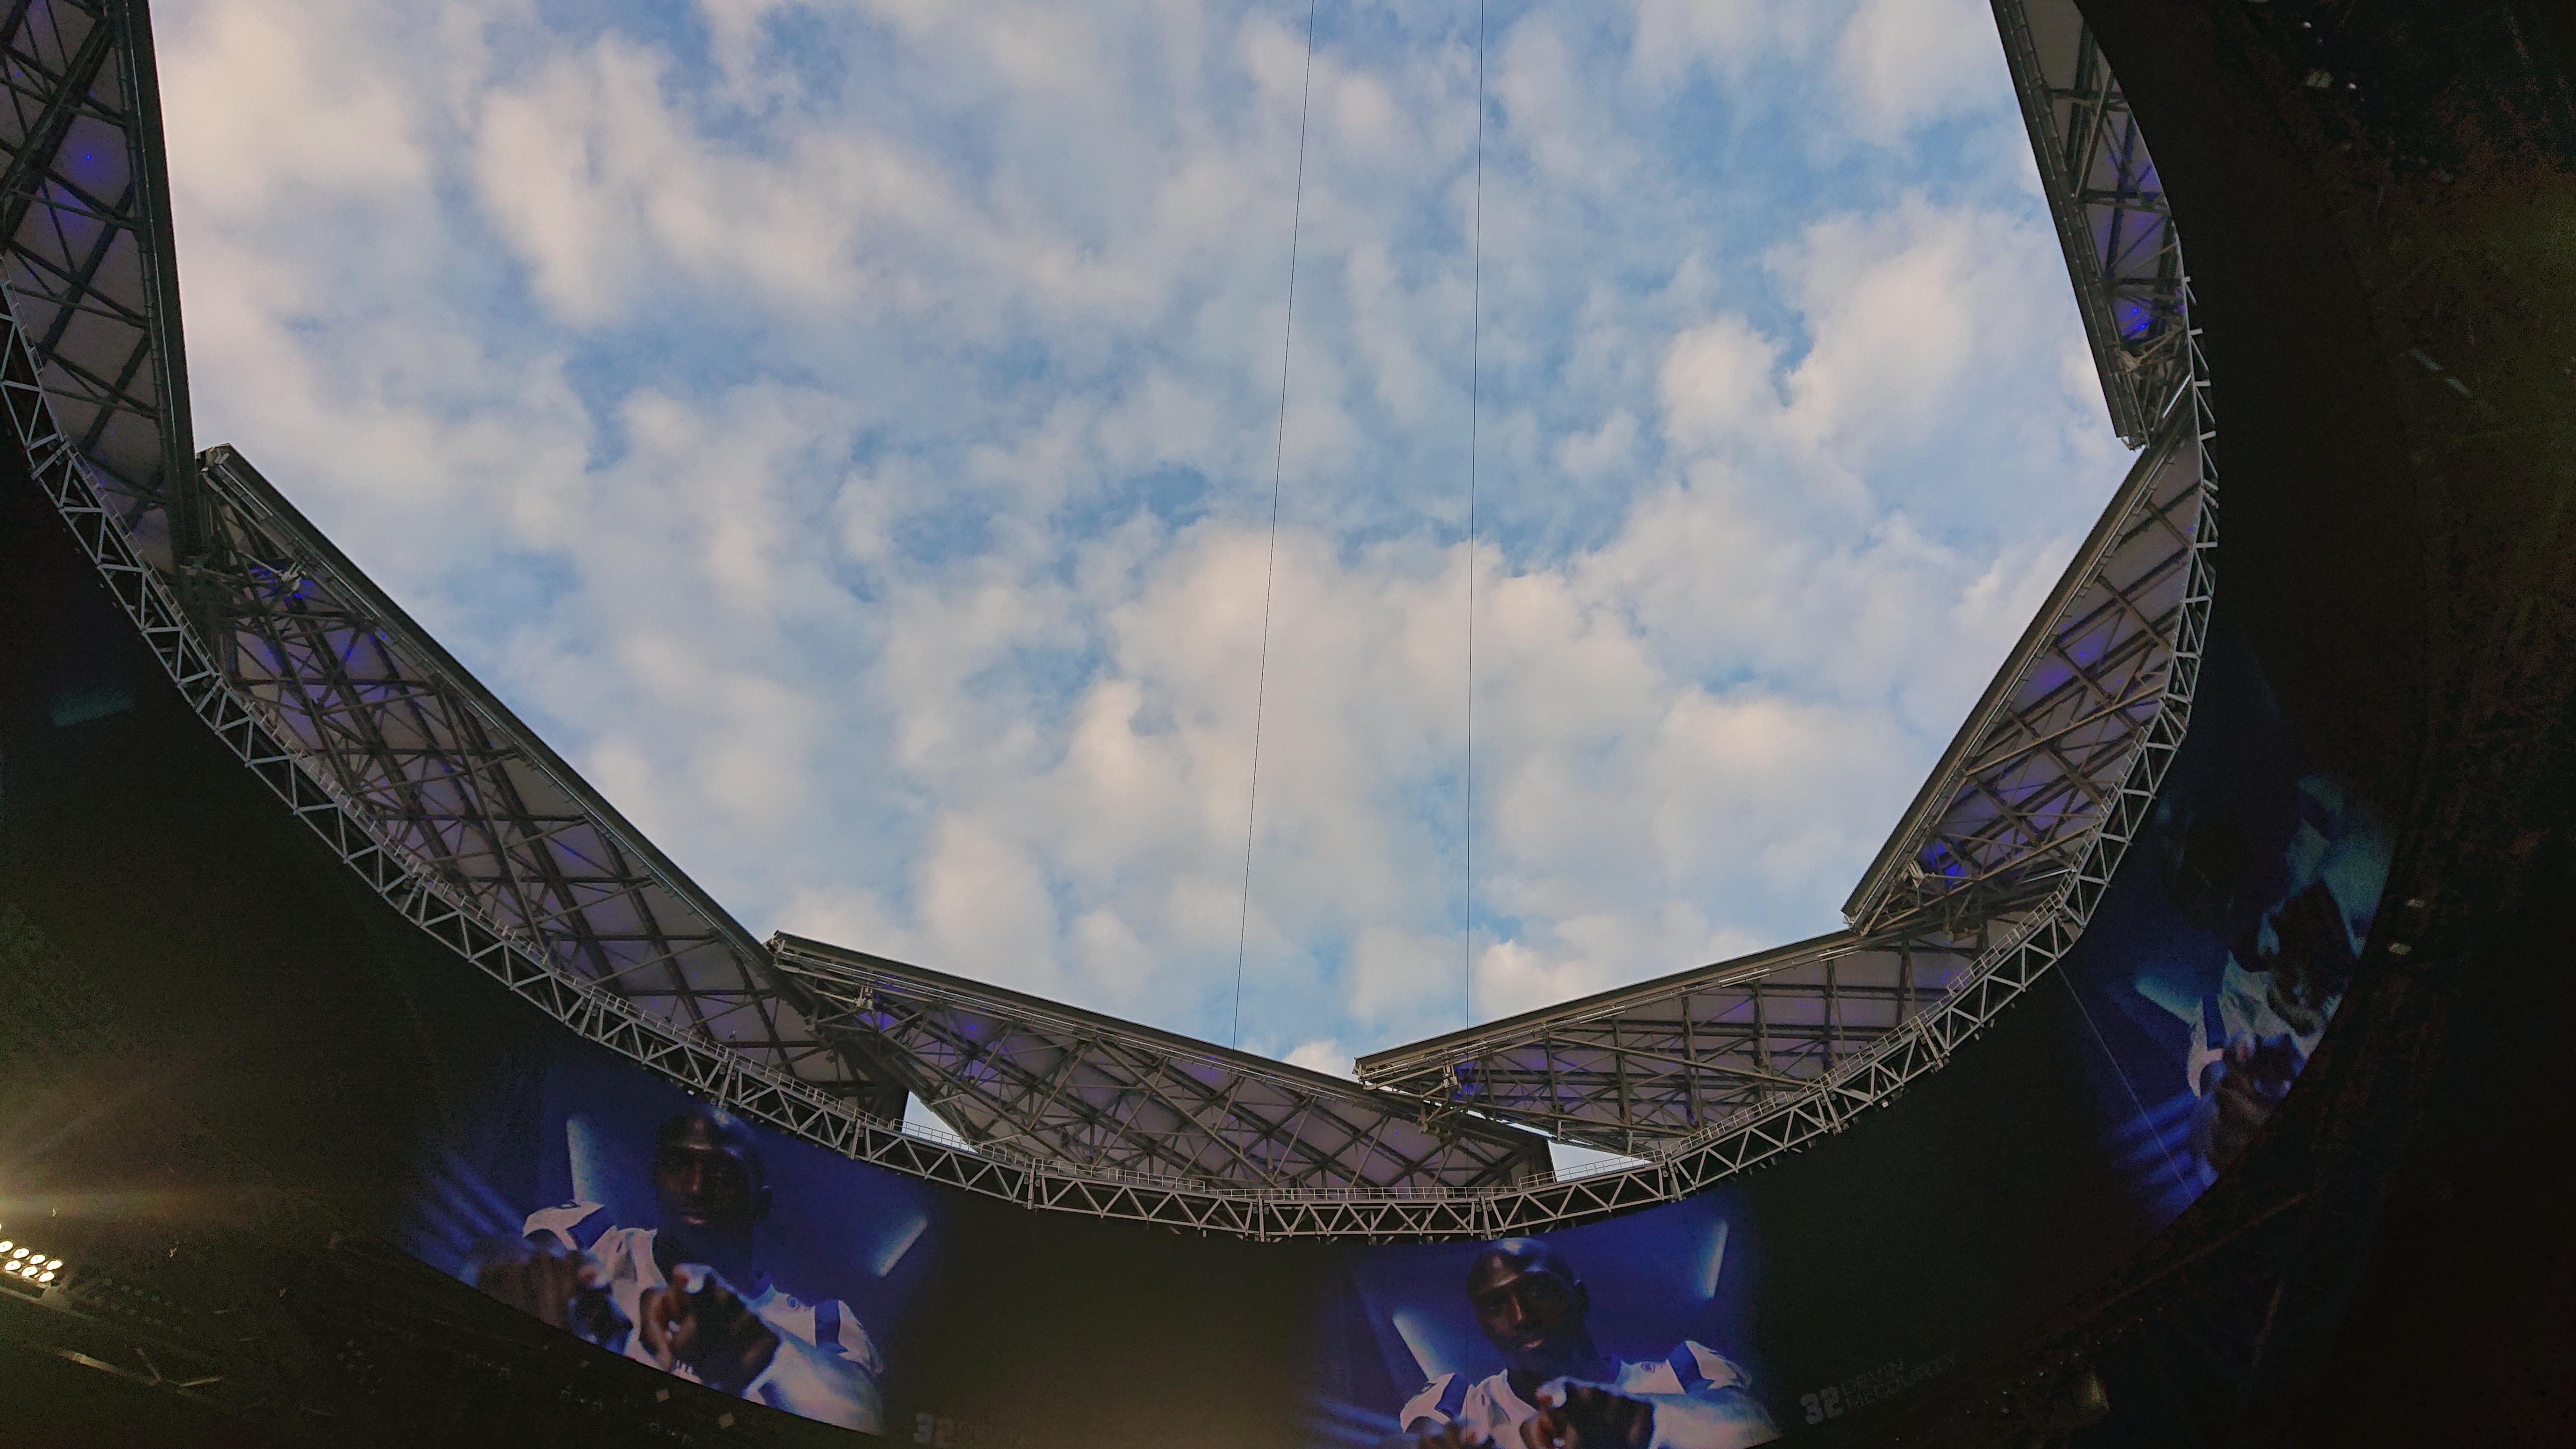 会場となったメルセデスベンツスタジアムの開閉式の屋根